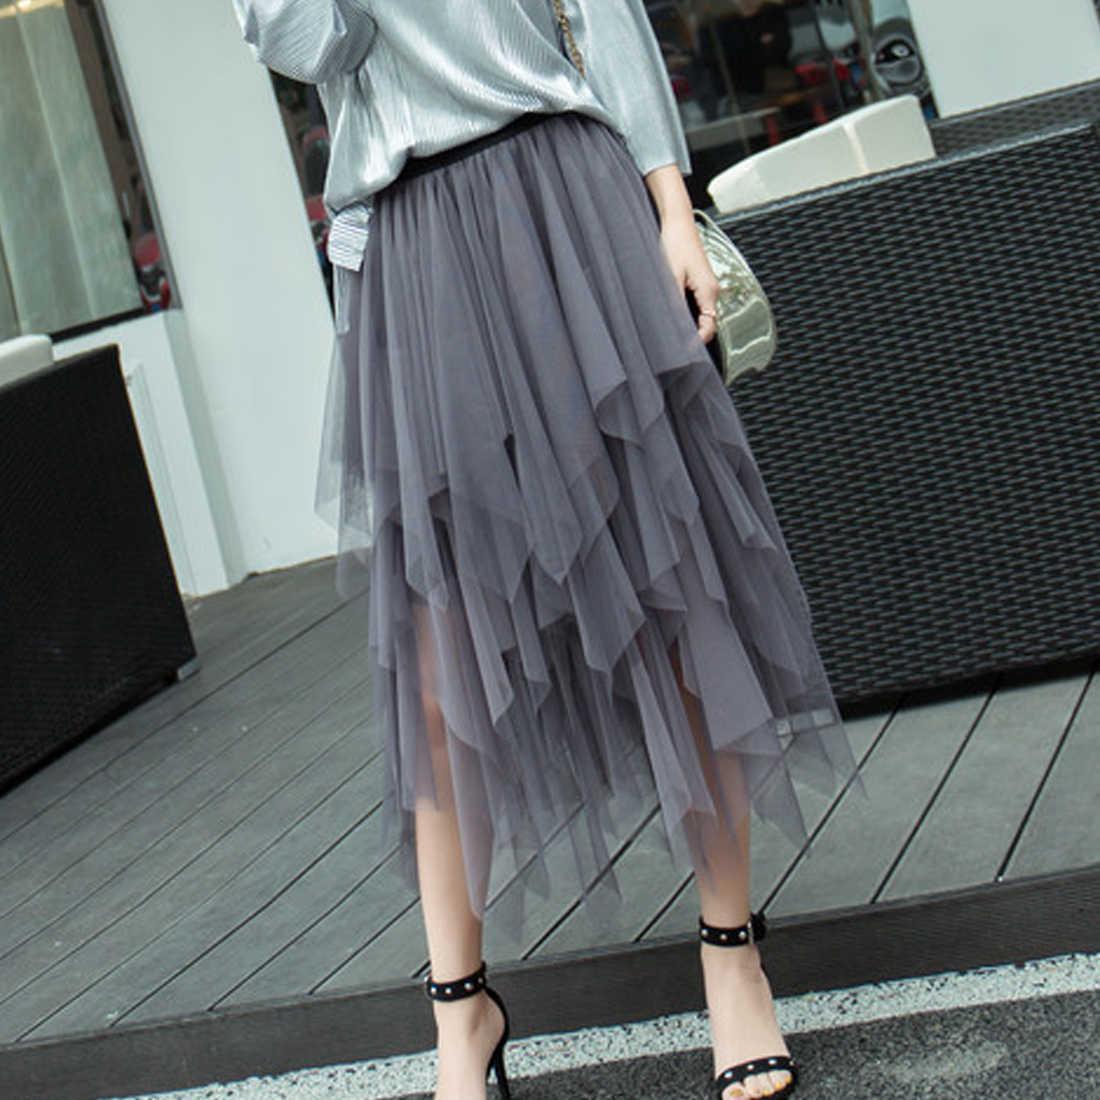 457602e28 Detalle Comentarios Preguntas sobre Irregular de tul, falda, mujer ...